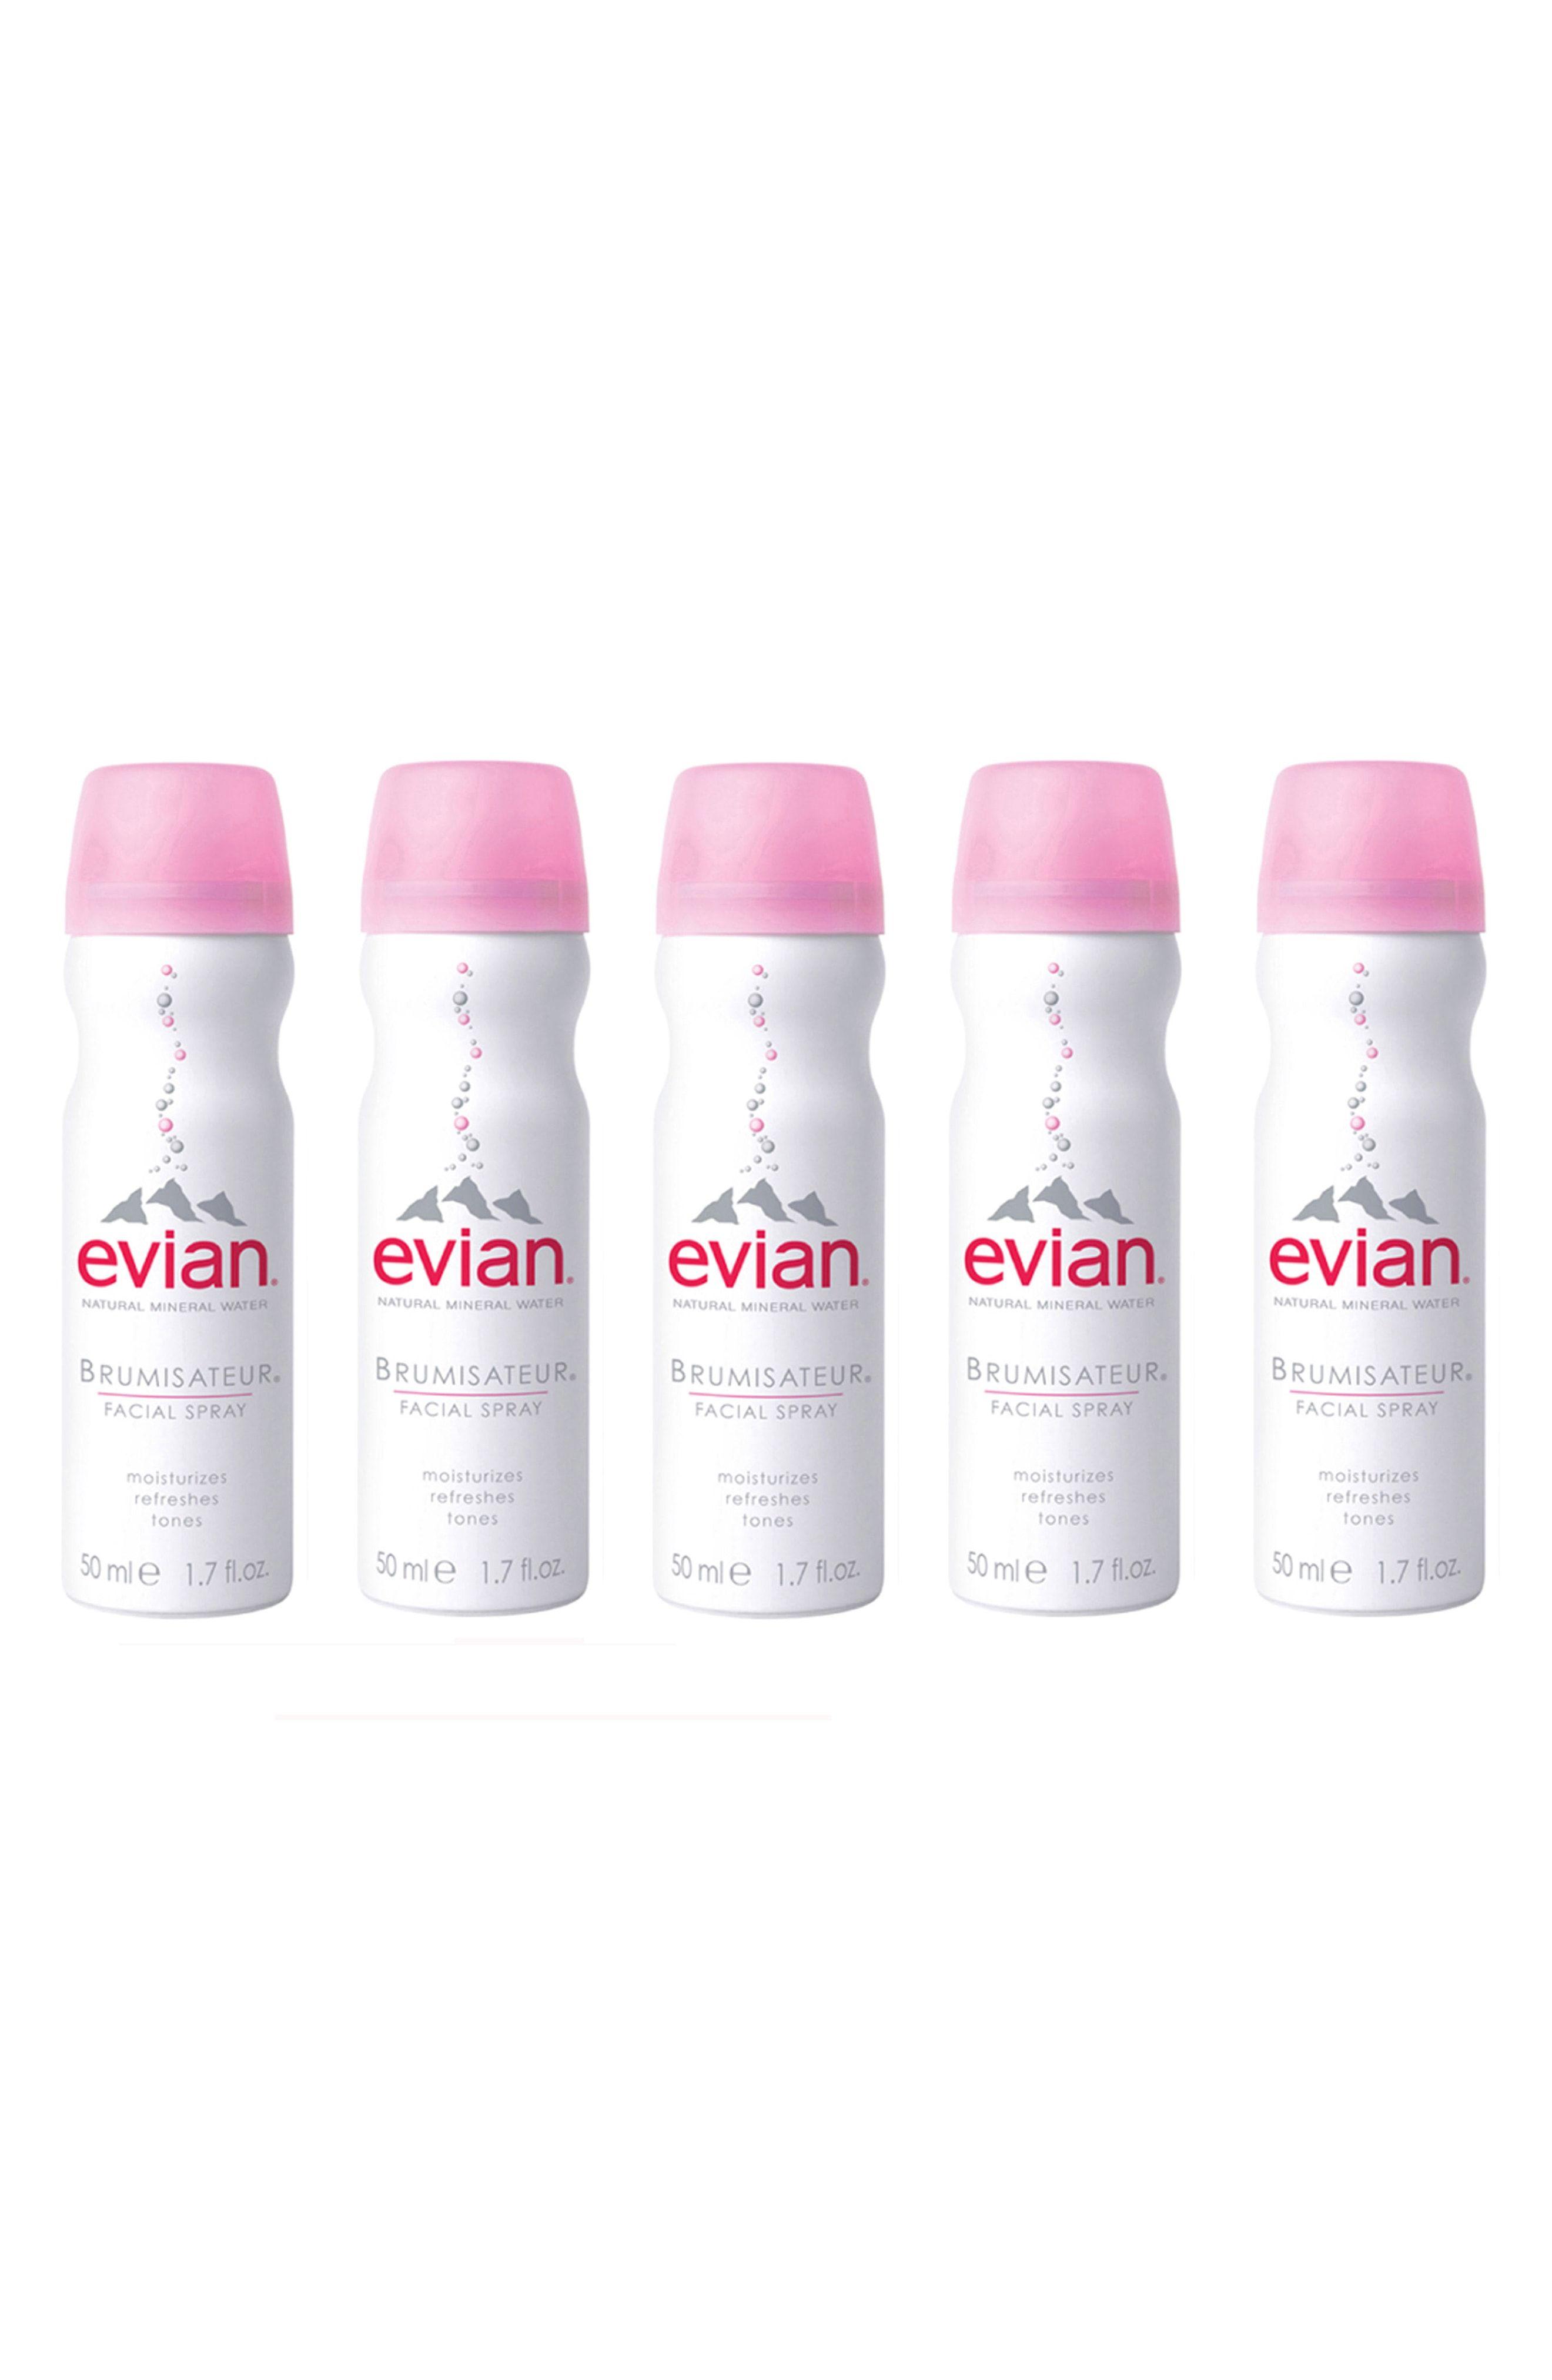 Evian facial mist fanny